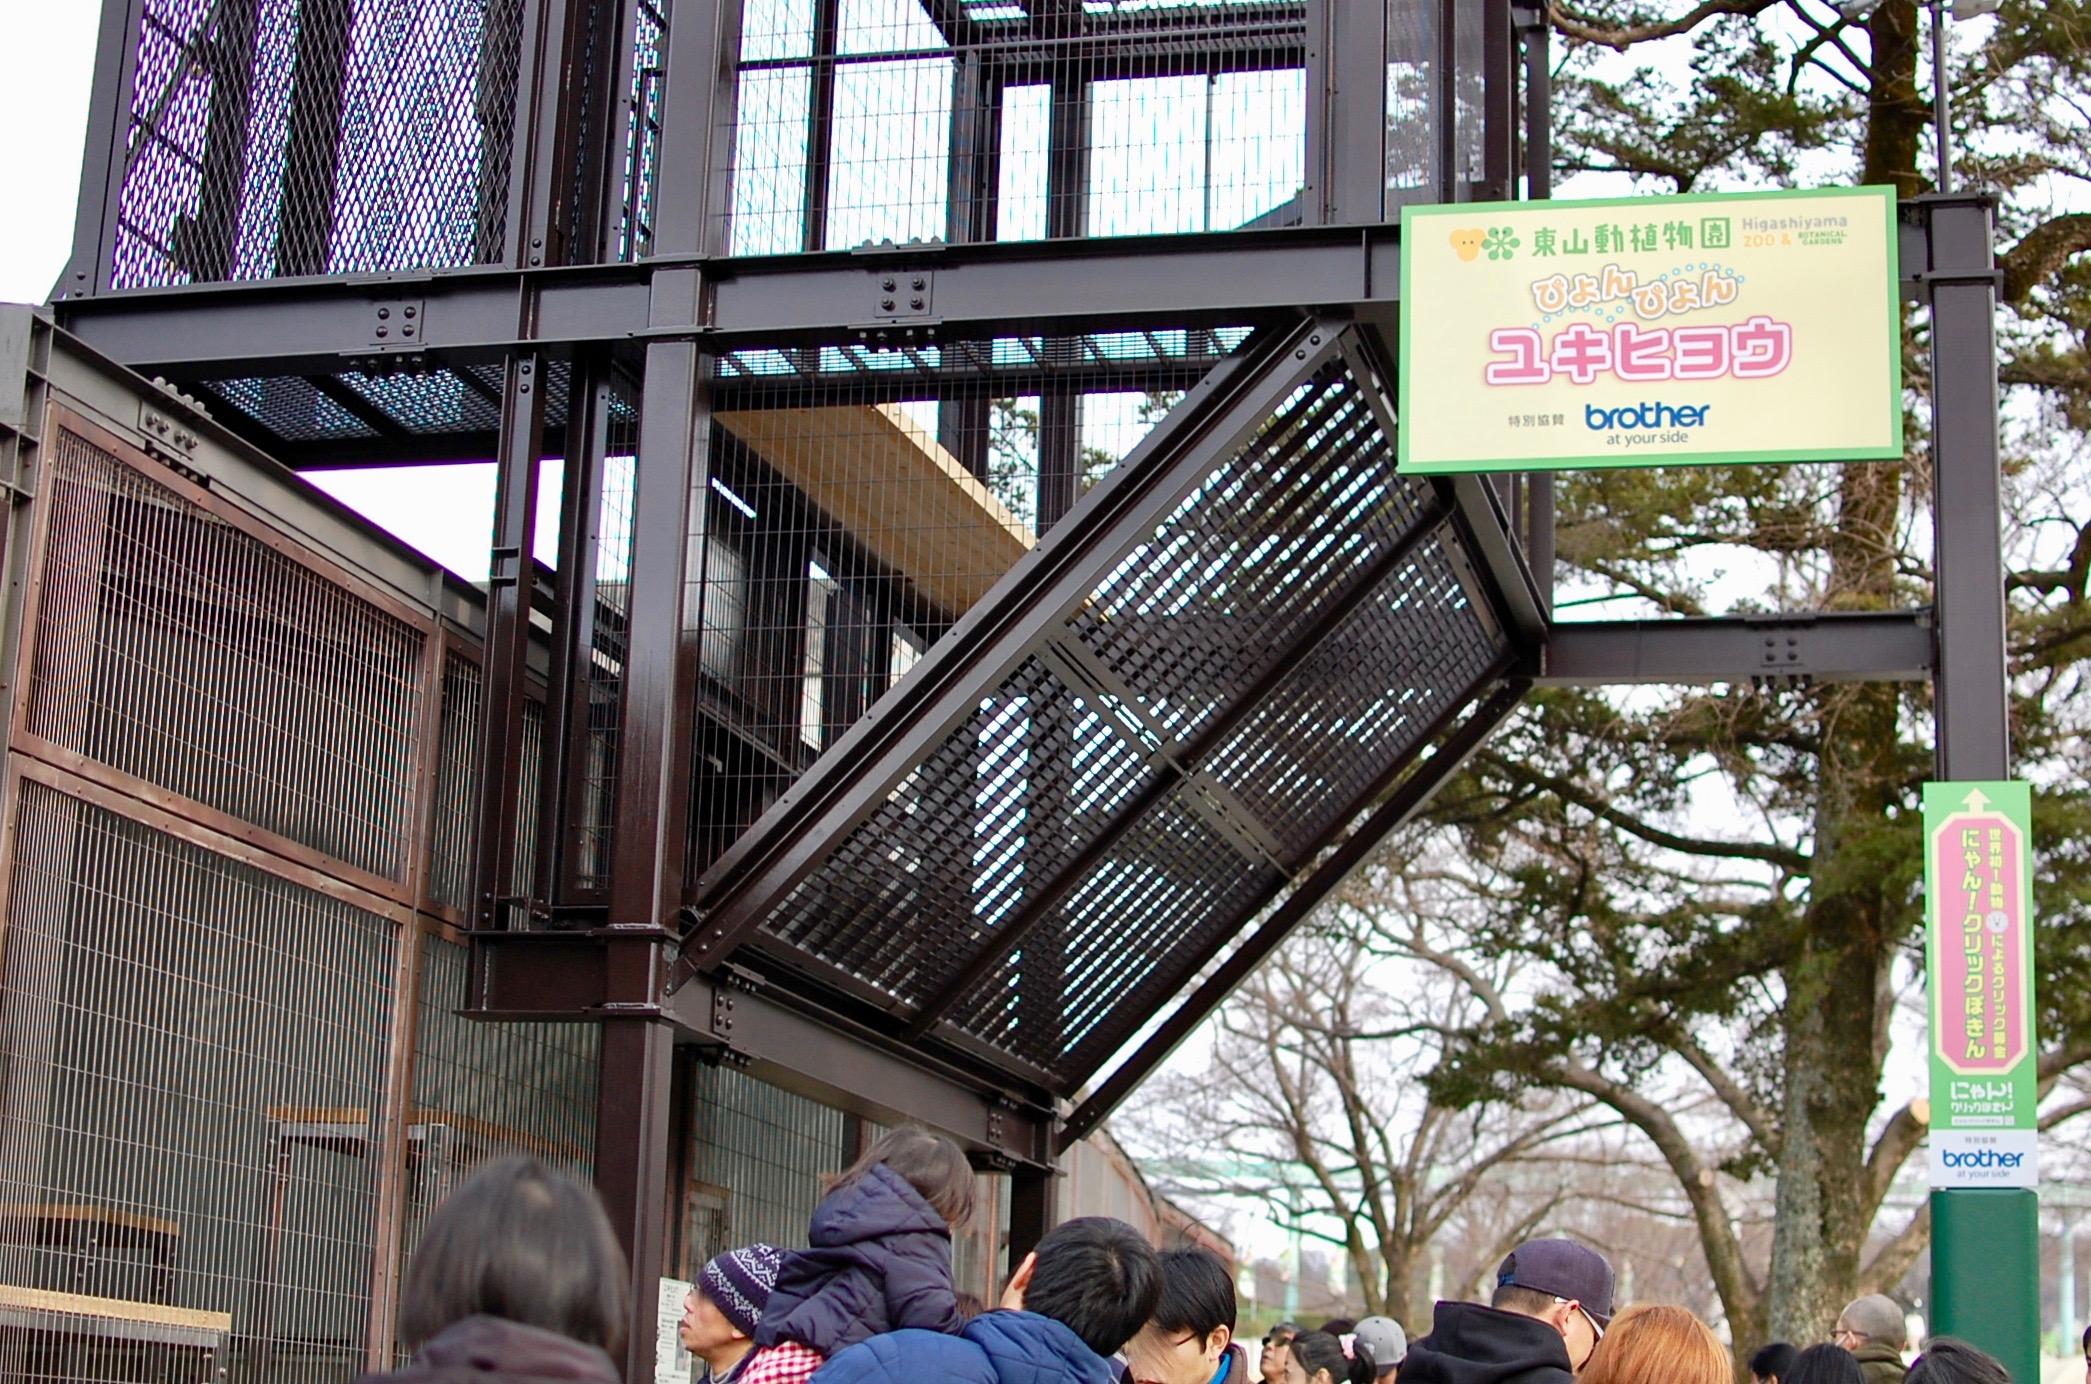 思い出をつなぐ。東山動植物園・80周年記念イベントの見どころを徹底解剖! - DSC 0231